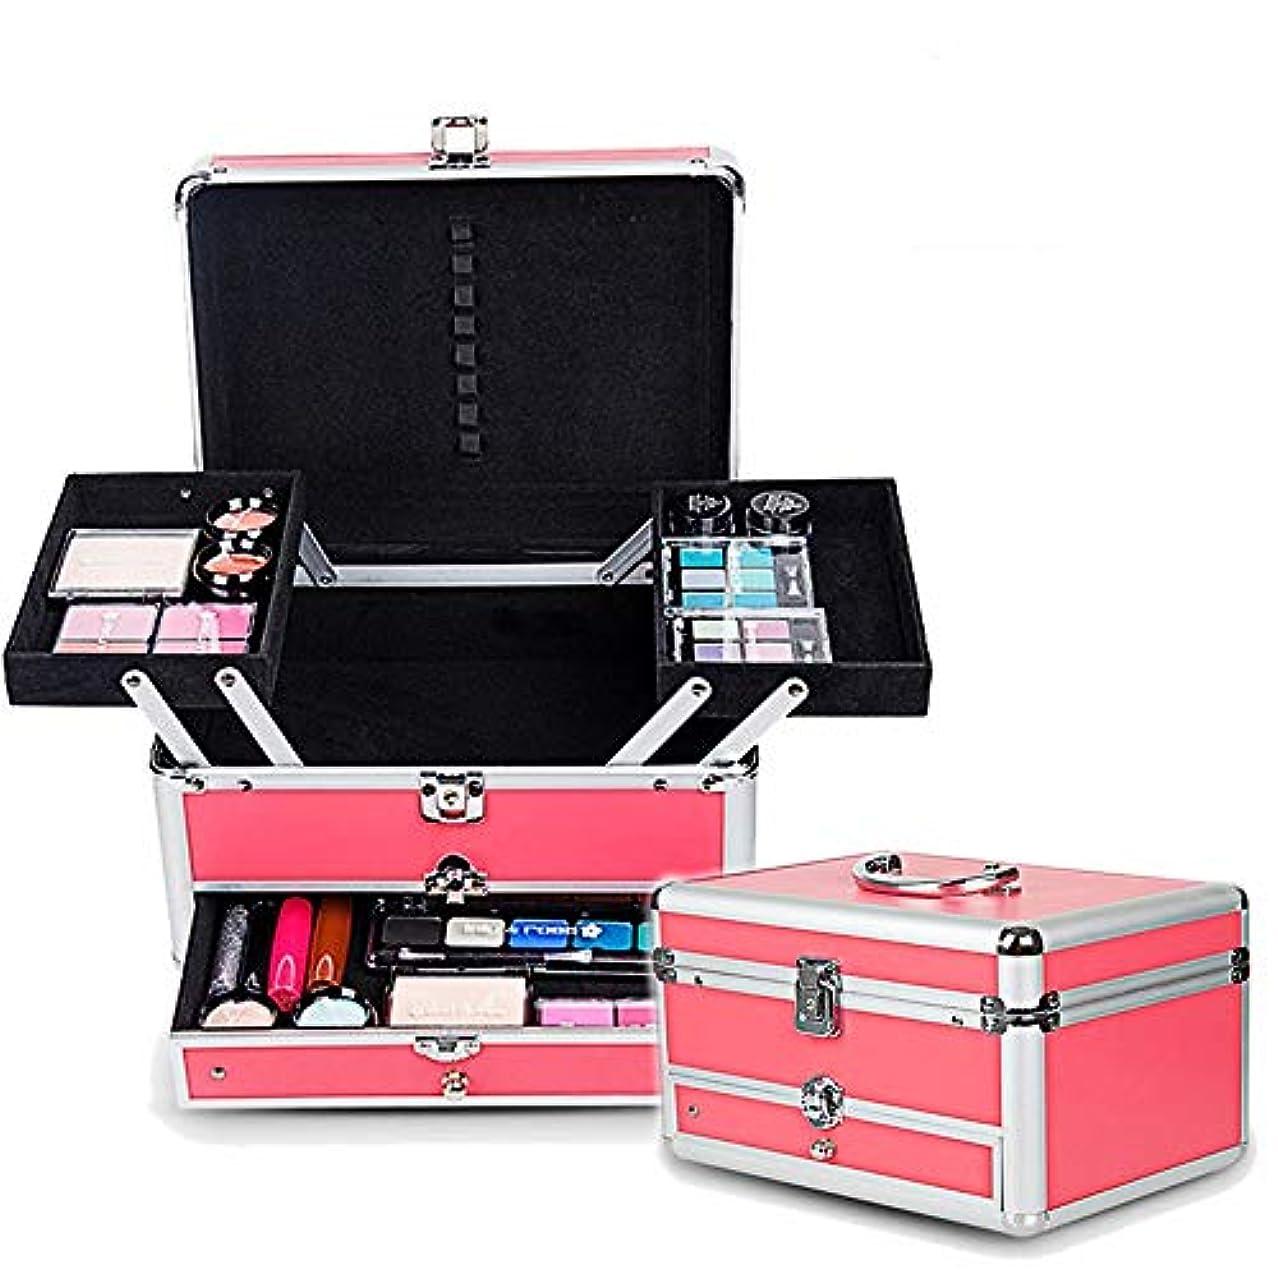 暖かさラウズ下線特大スペース収納ビューティーボックス 女の子の女性旅行のための新しく、実用的な携帯用化粧箱およびロックおよび皿が付いている毎日の貯蔵 化粧品化粧台 (色 : ピンク)